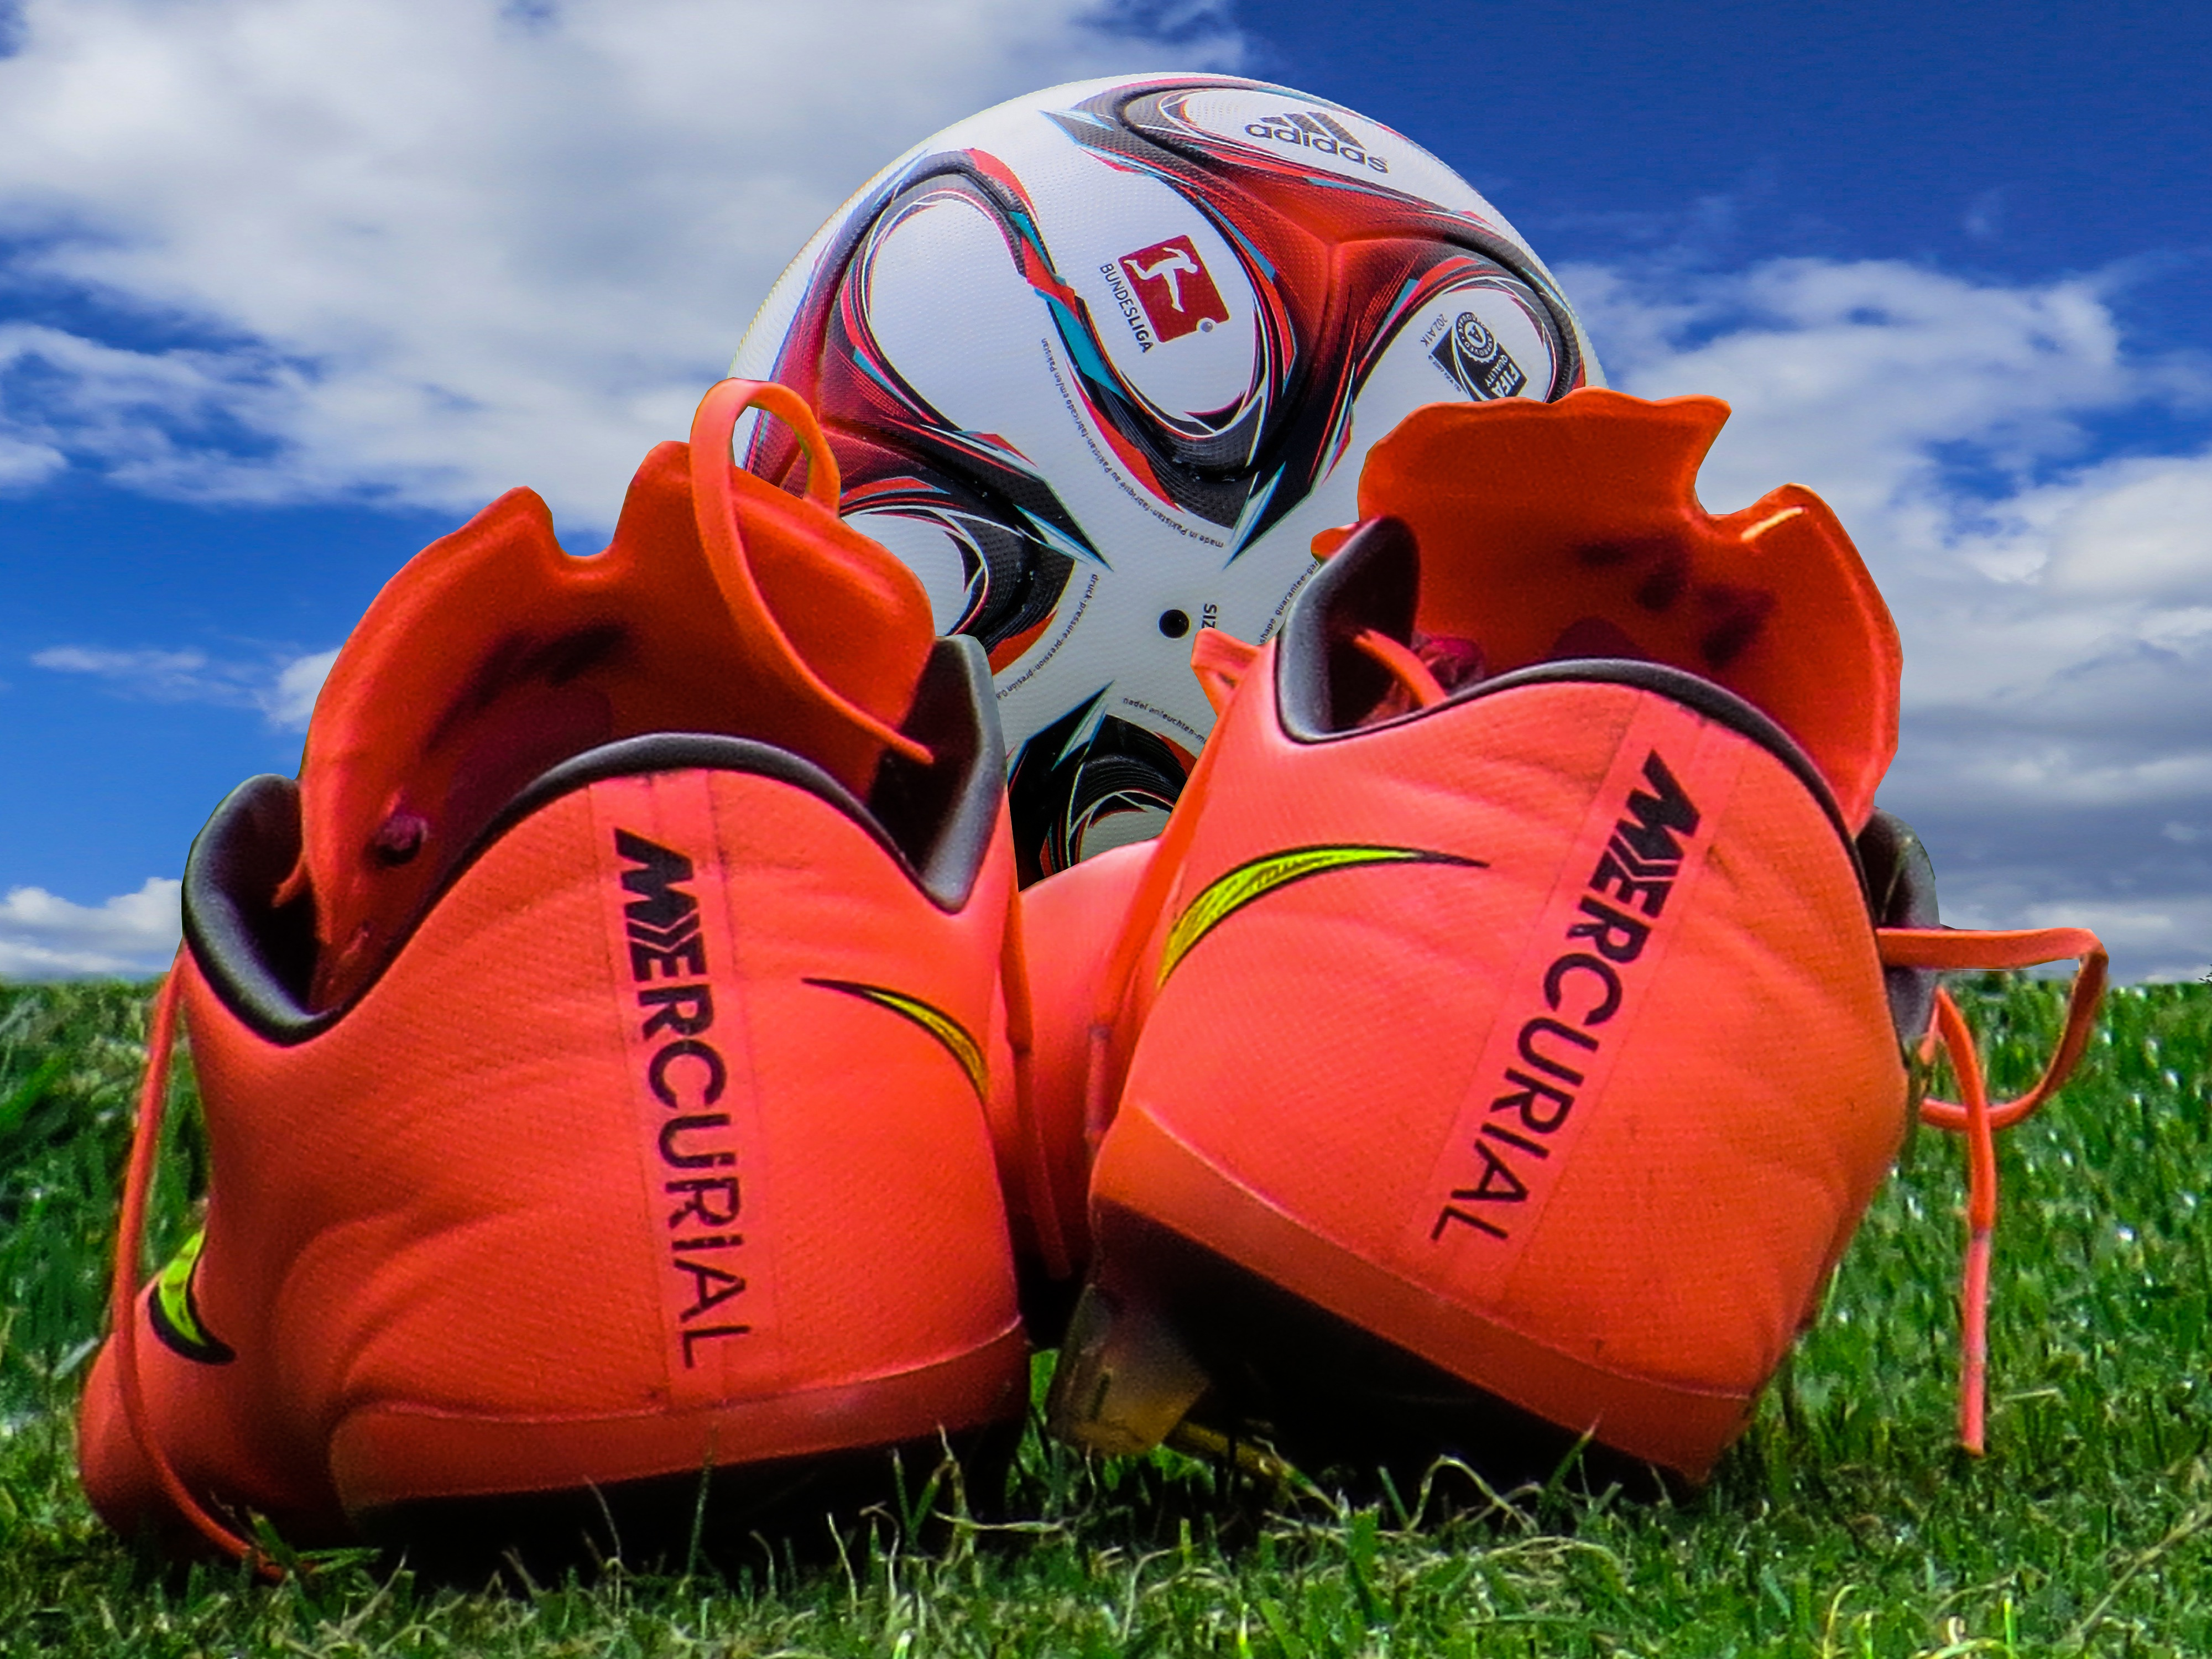 equipacion del psg 2018 dream league soccer